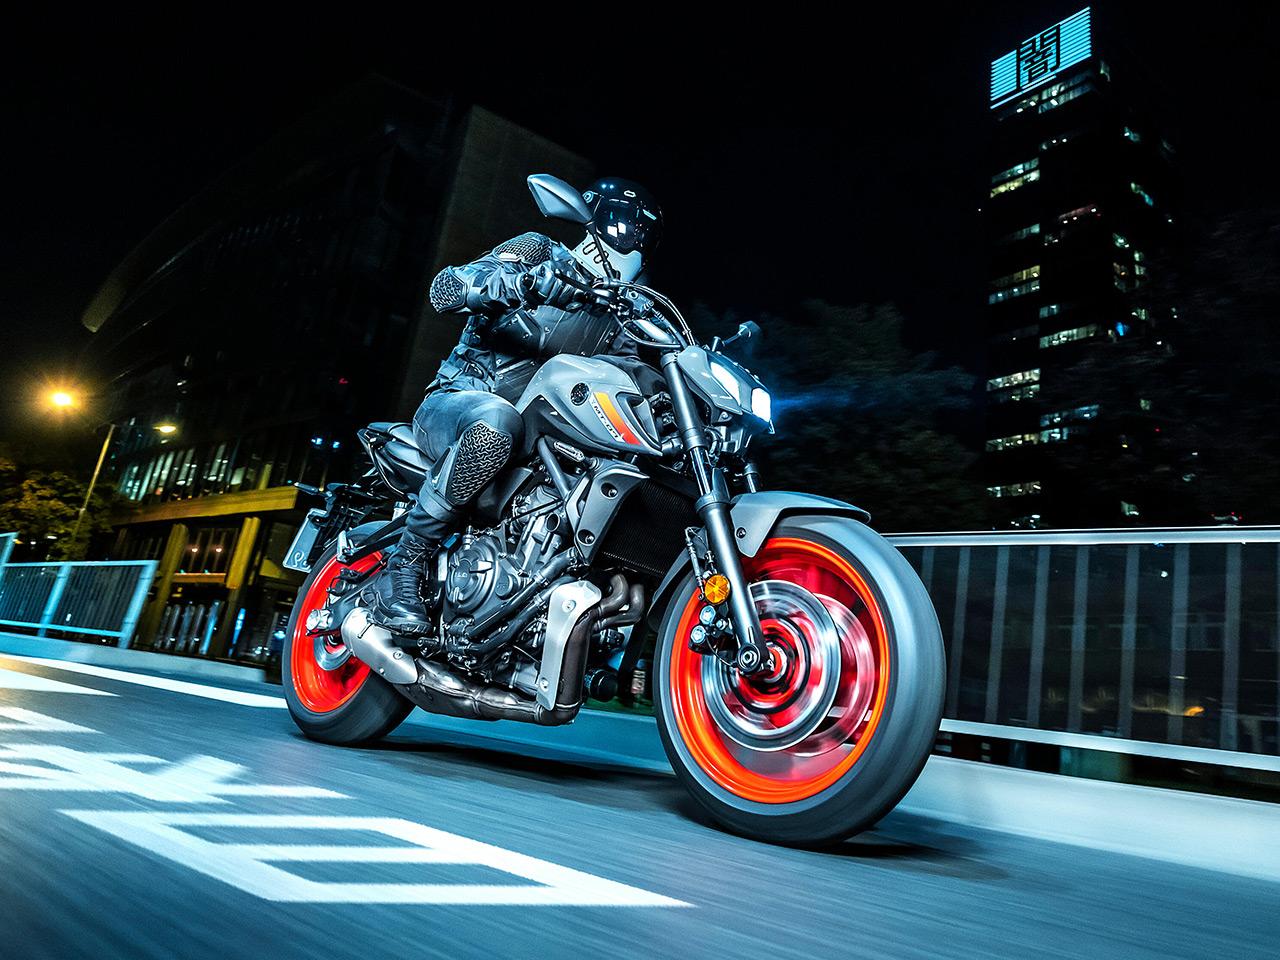 Yamaha MT07 riding at night in Tokyo